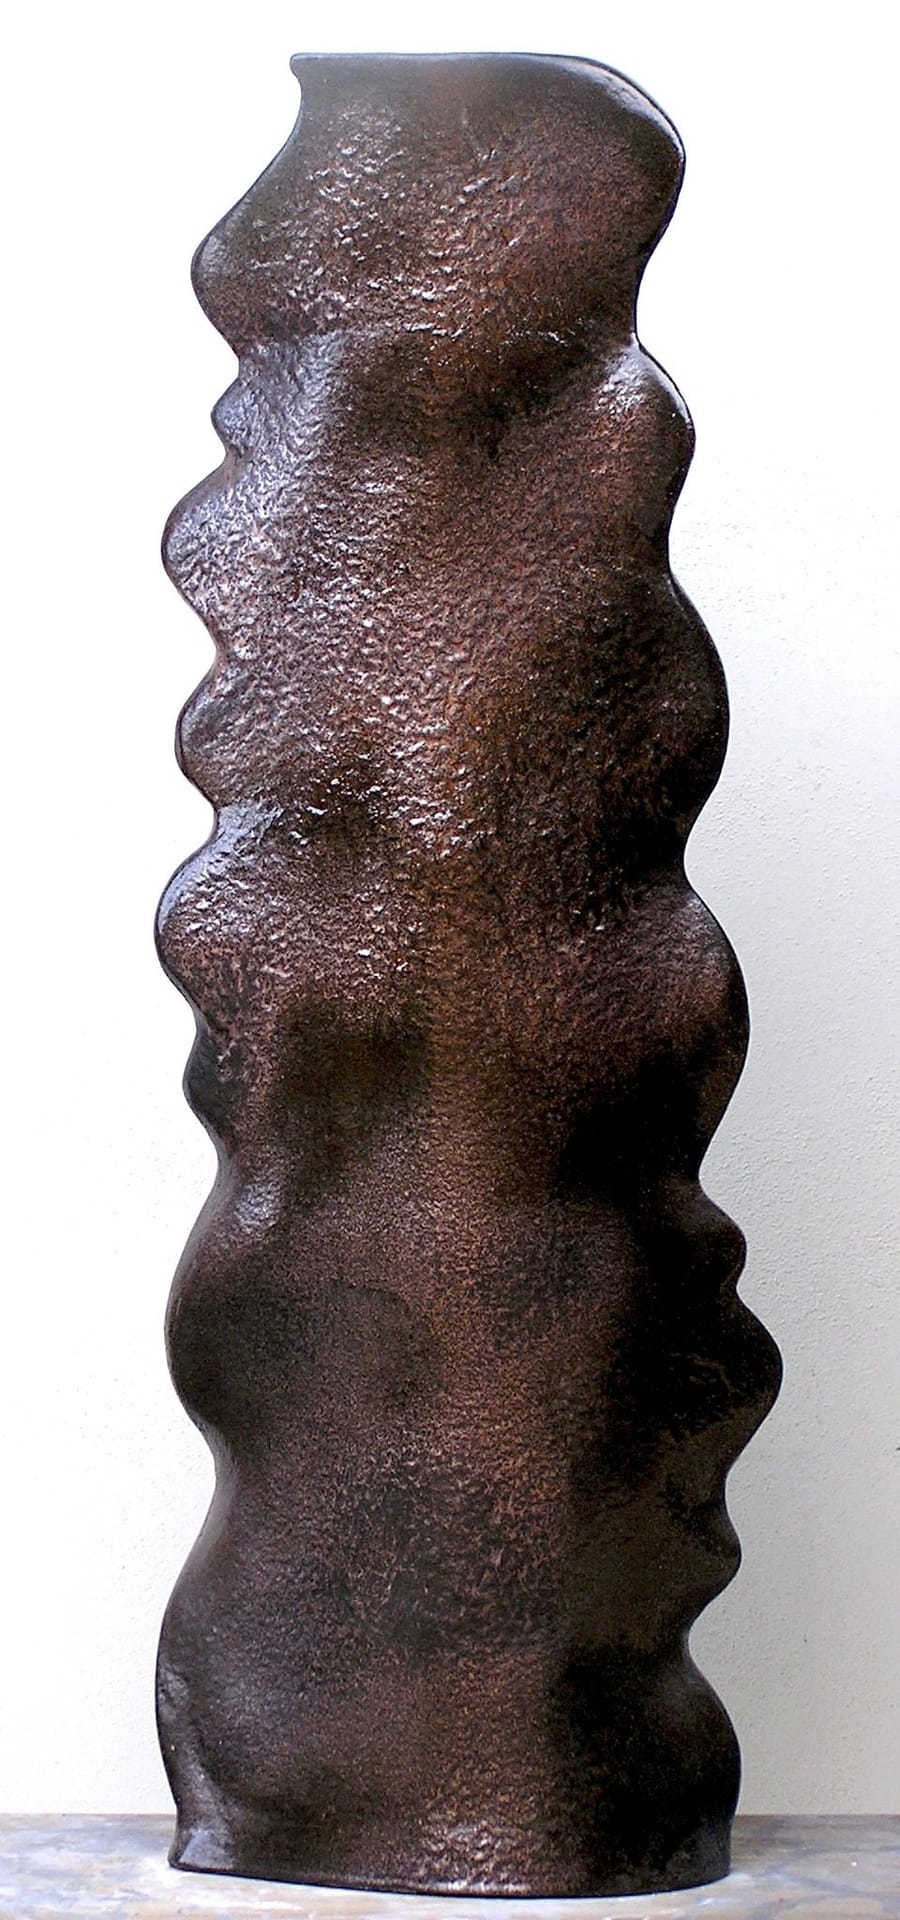 Base lampada in ceramica dal colore scuro interamente realizzata a mano